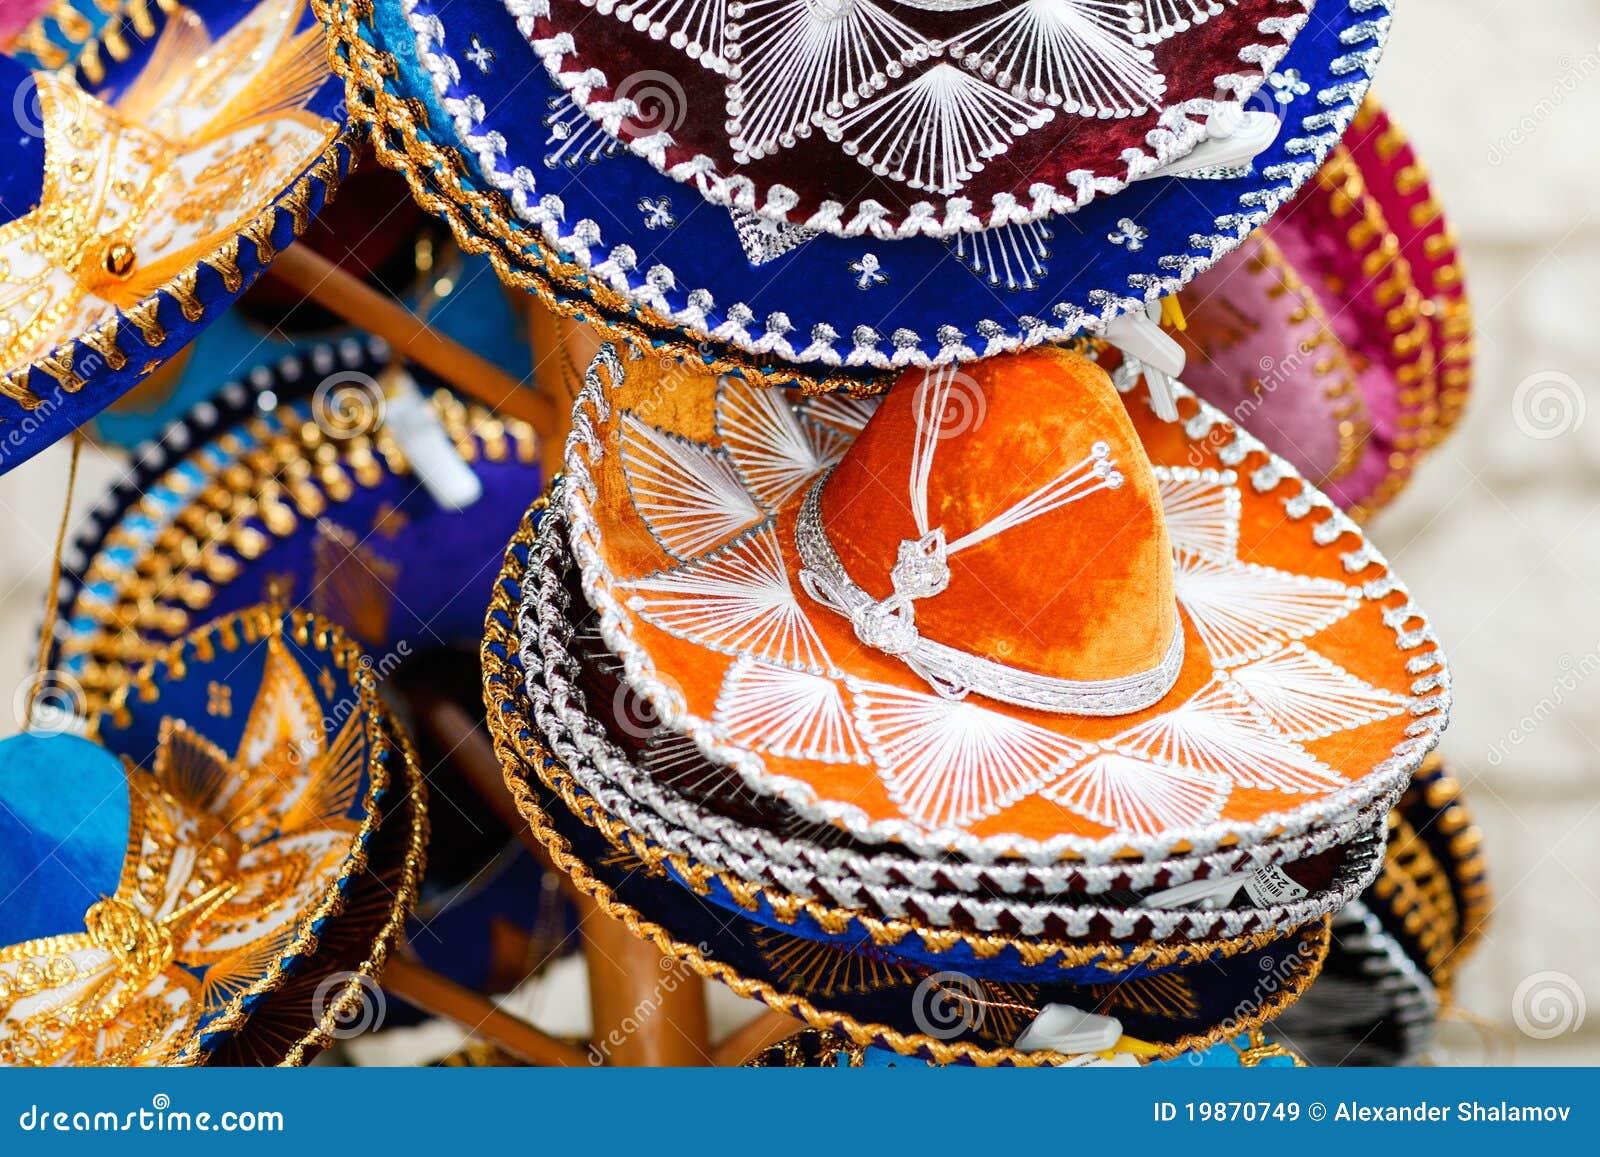 Cappelli messicani variopinti tradizionali del sombrero da vendere.